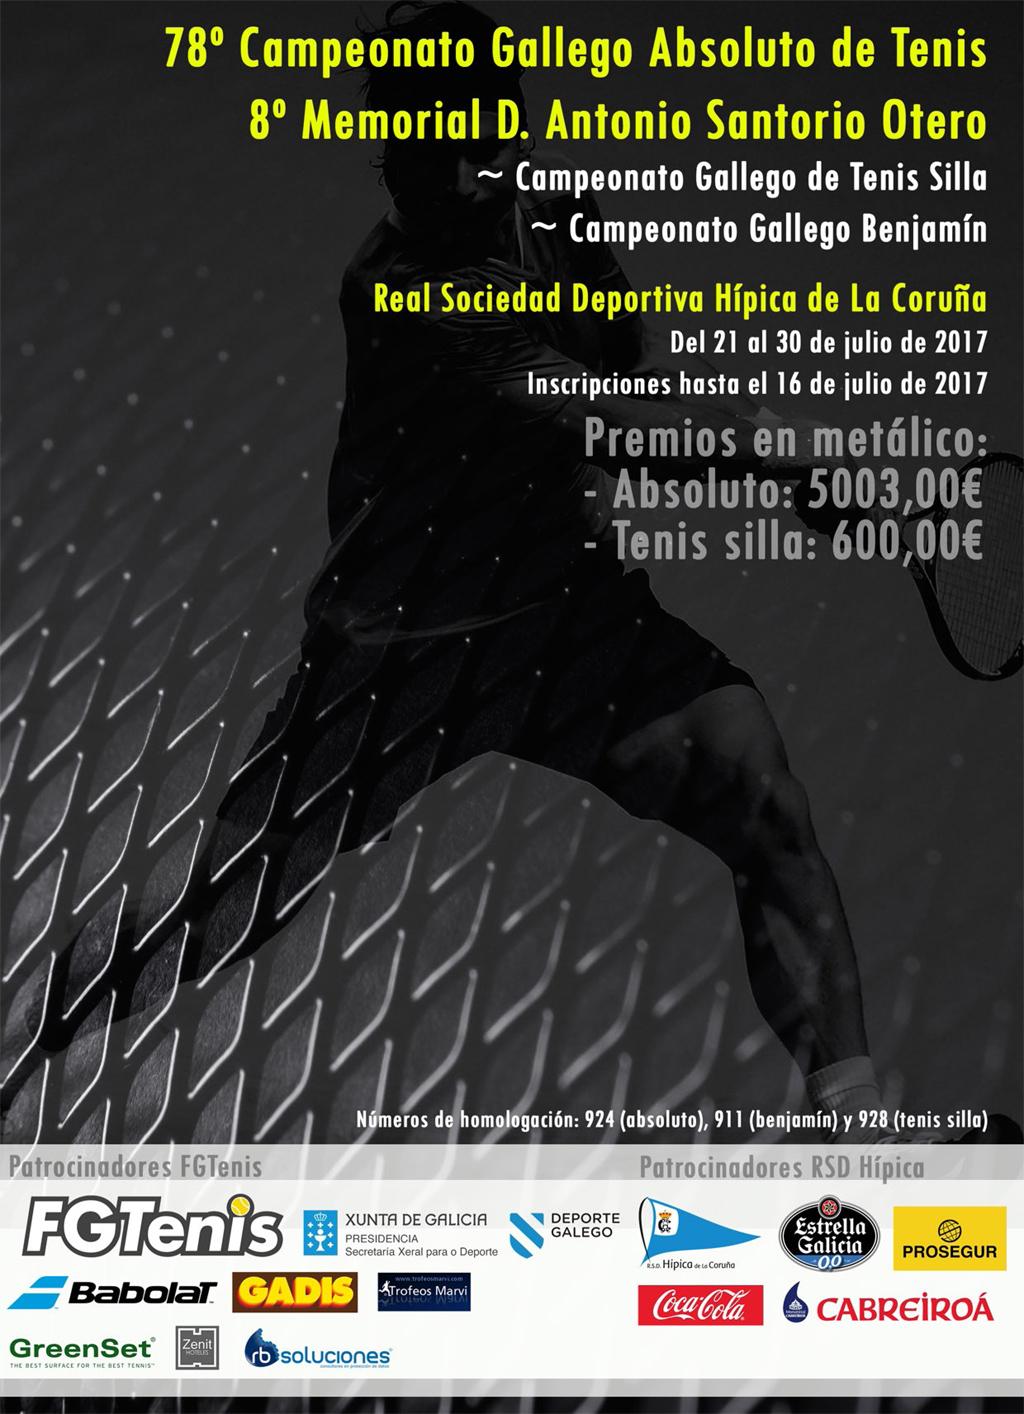 Campeonato Gallego de Tenis en la RSD Hípica